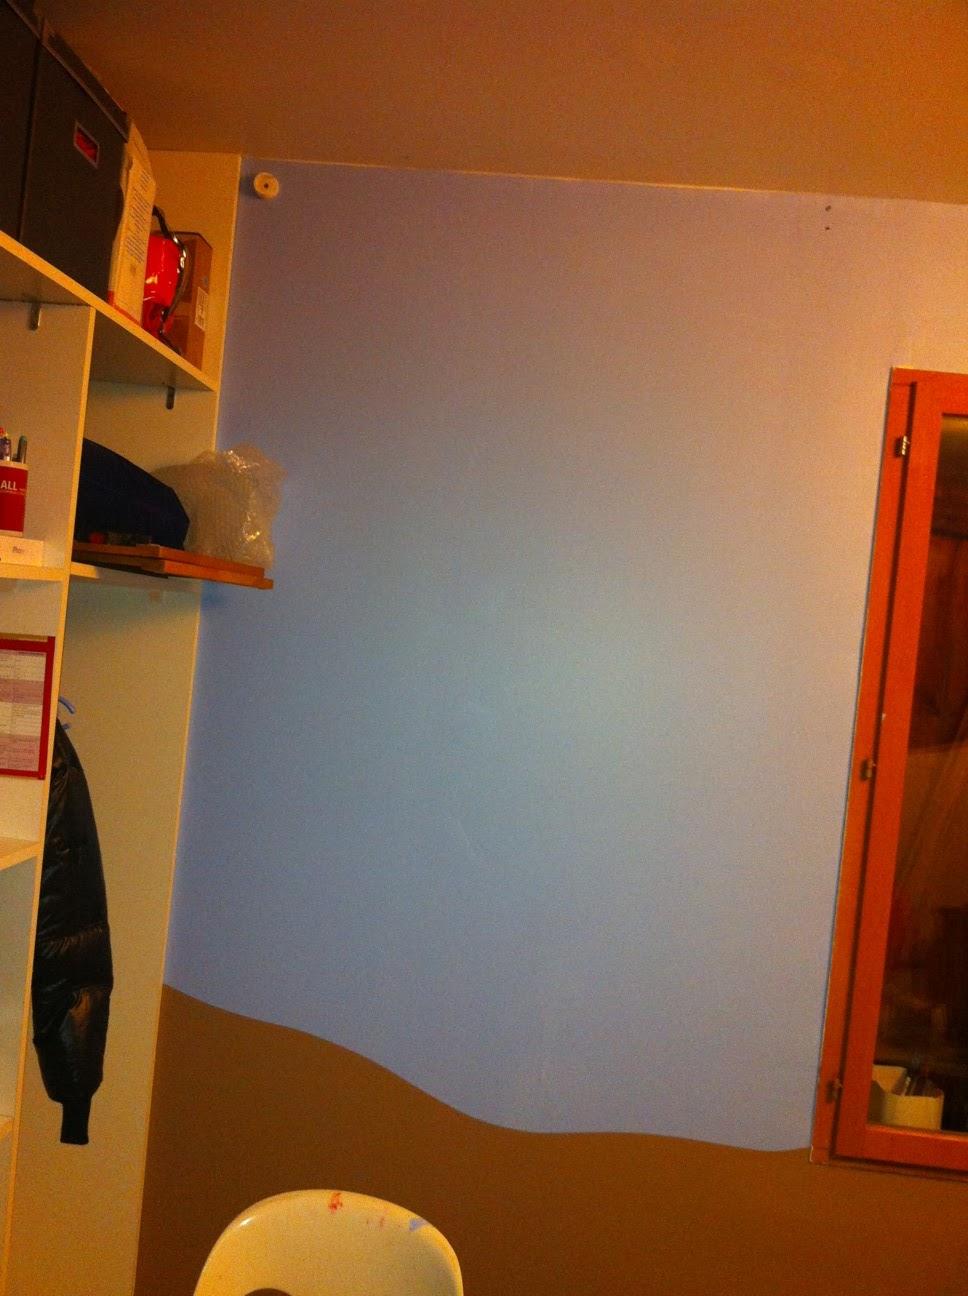 decoration salle de jeux id es et conseils d co decoration salle de jeux les travaux d. Black Bedroom Furniture Sets. Home Design Ideas